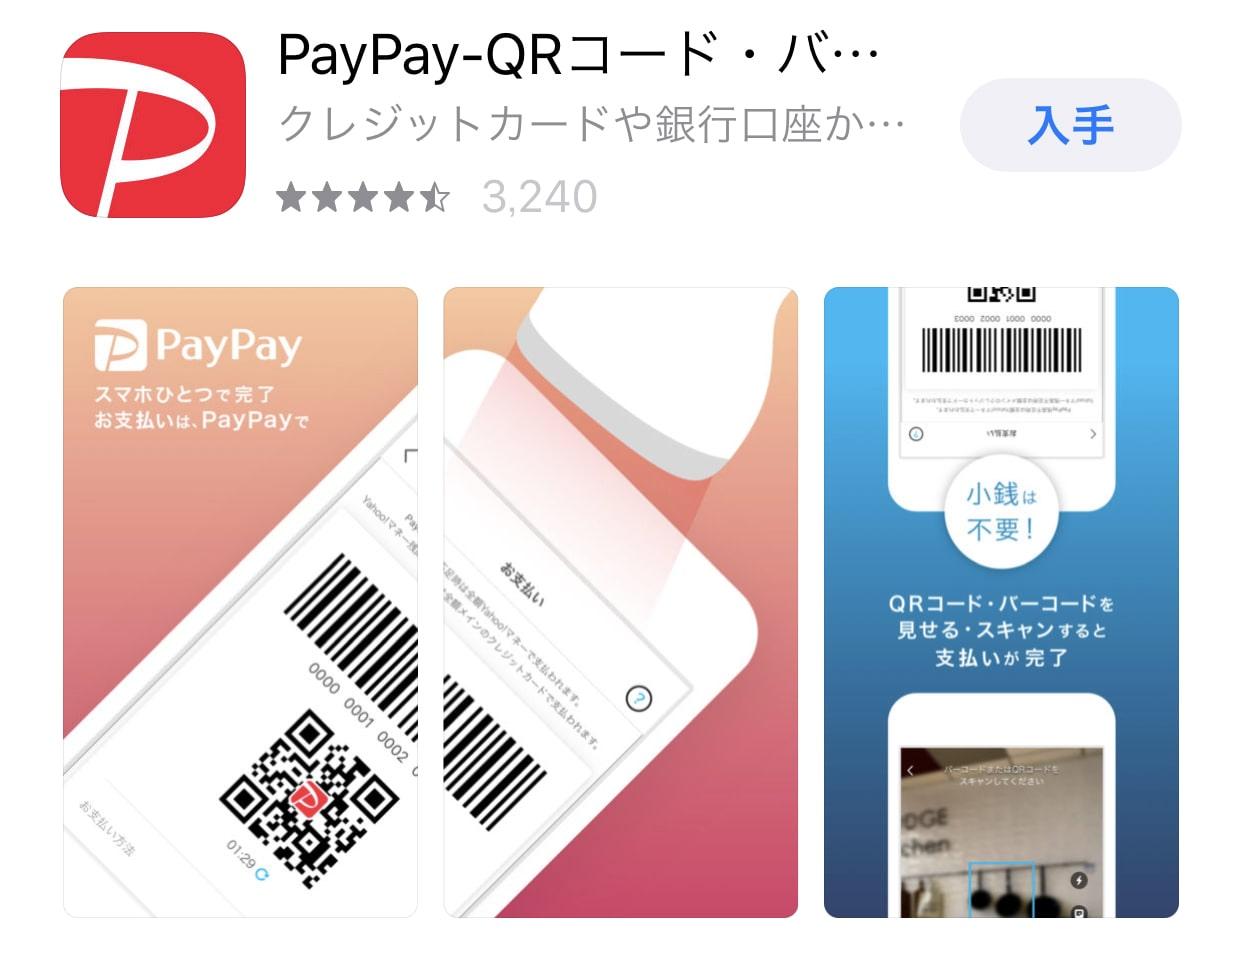 PayPayのアプリをダウンロードする